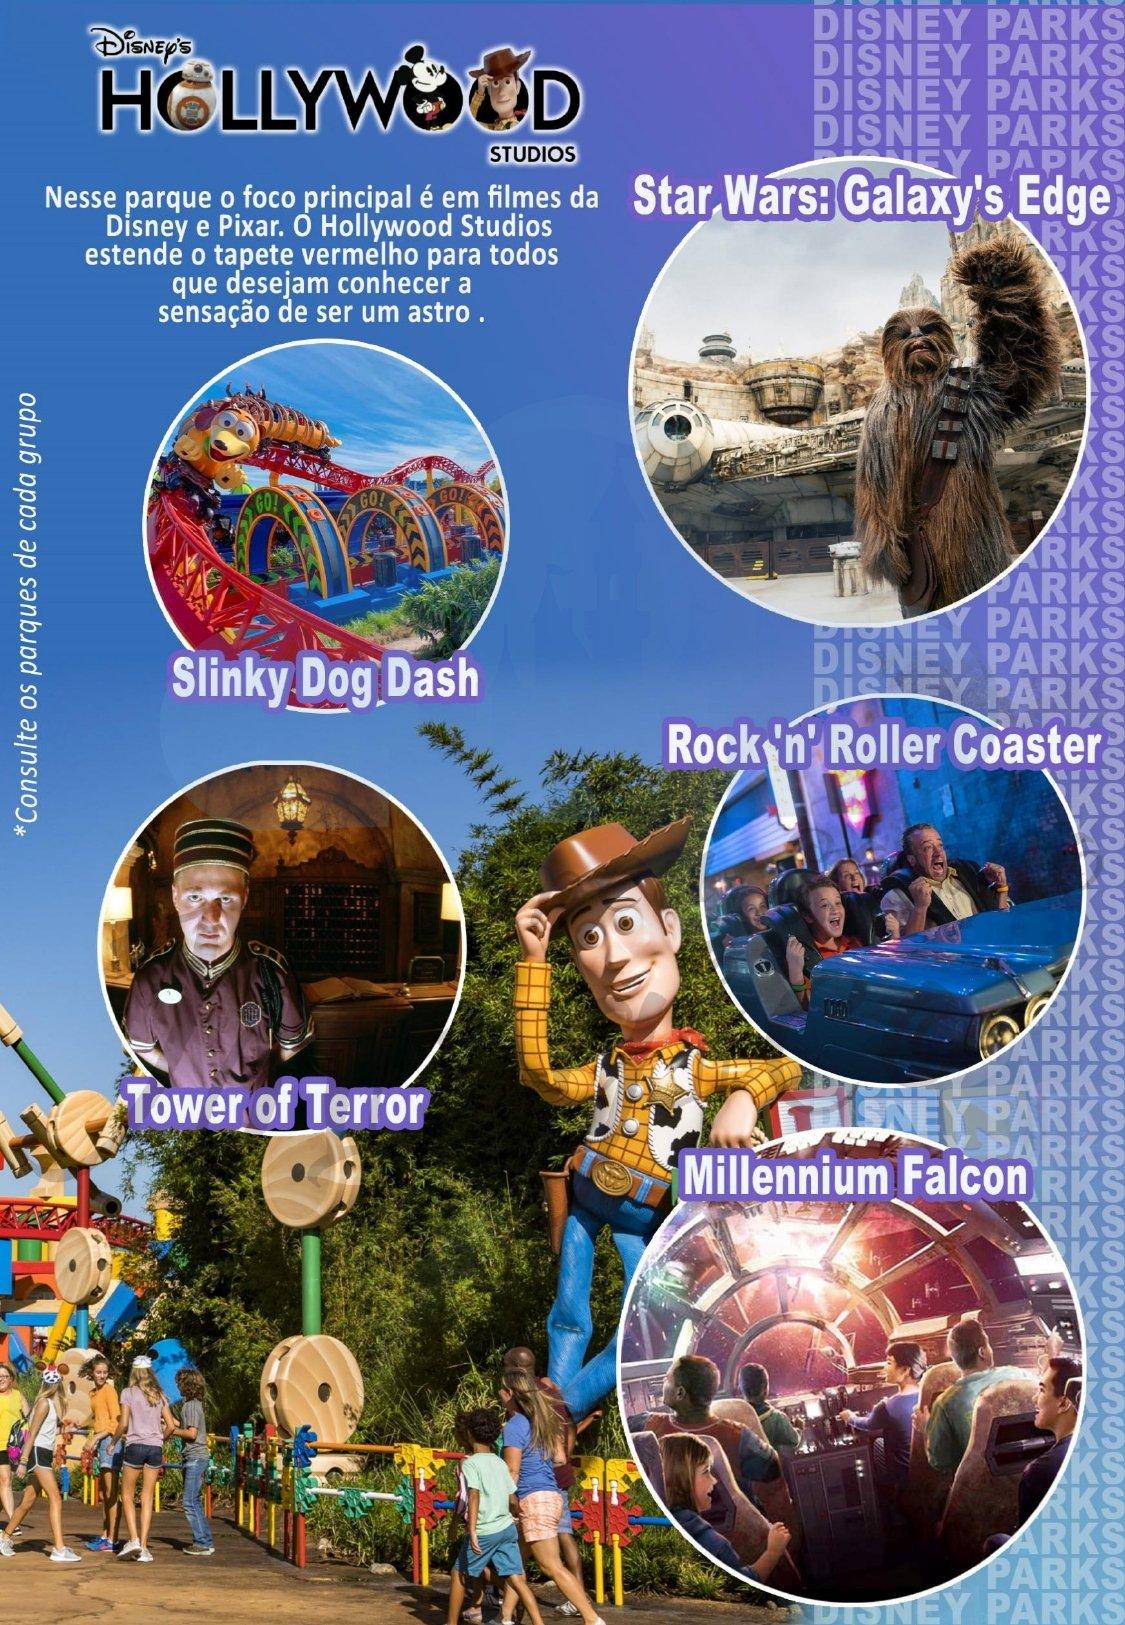 Grupo Family Inverno - Disney Janeiro 2022 3